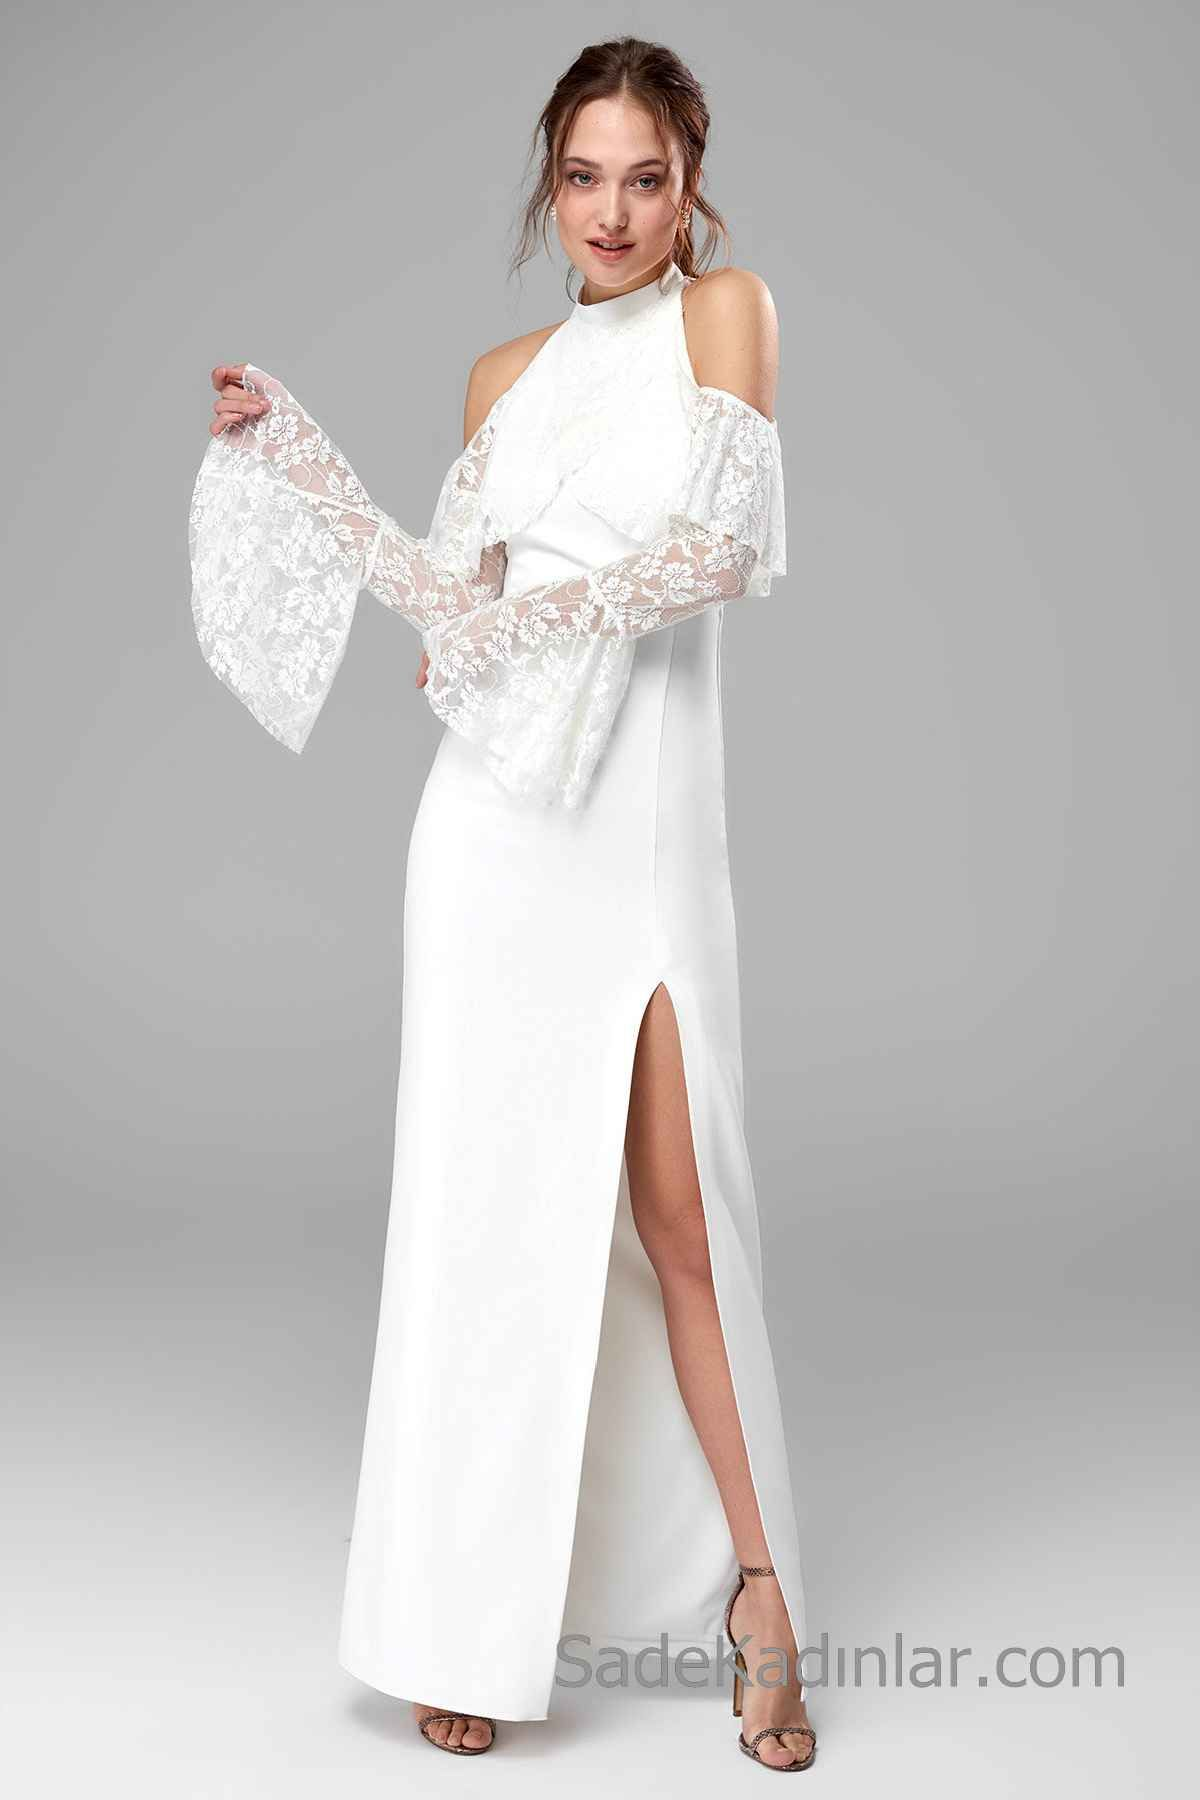 58d8c688cfa65 2019 Uzun Abiye Modelleri Beyaz Uzun Halter Yaka Önden Yırtmaçlı Dantel  Detaylı